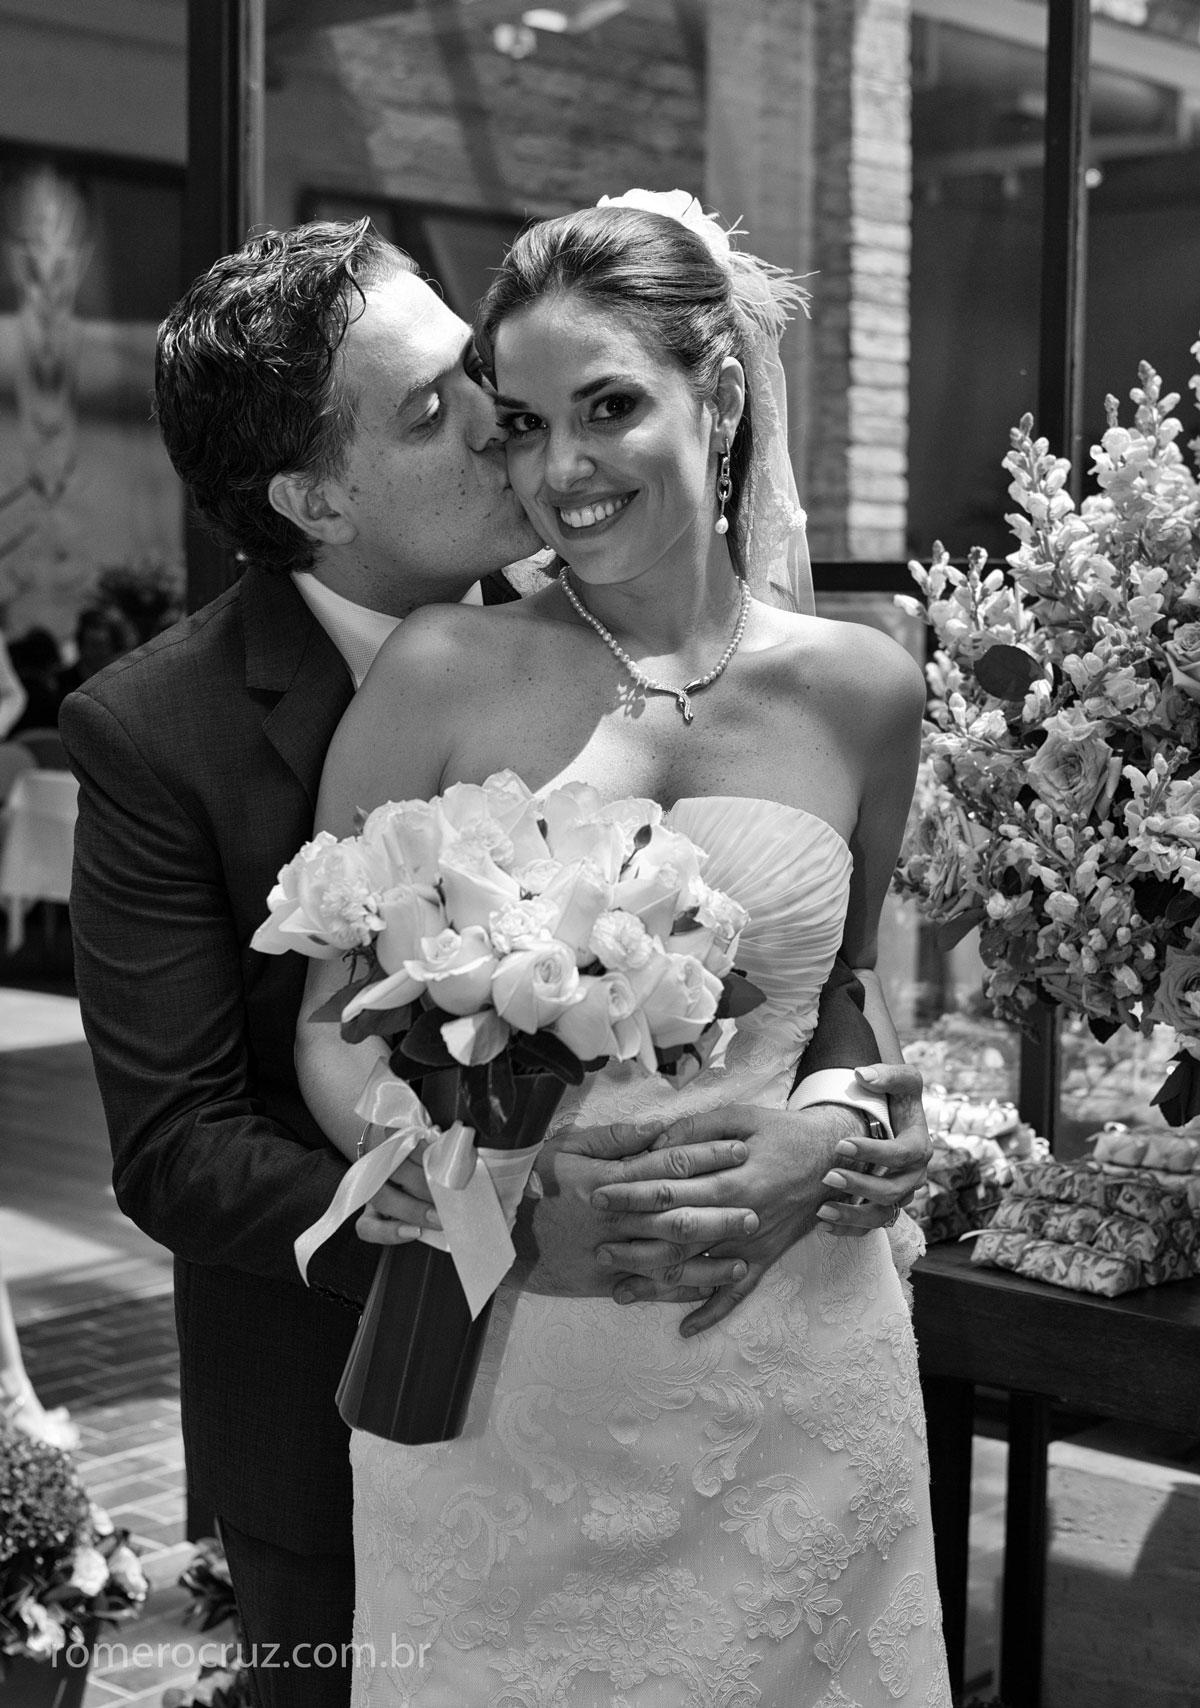 Ensaio fotográfico de casamento pelo fotógrafo Romero Cruz